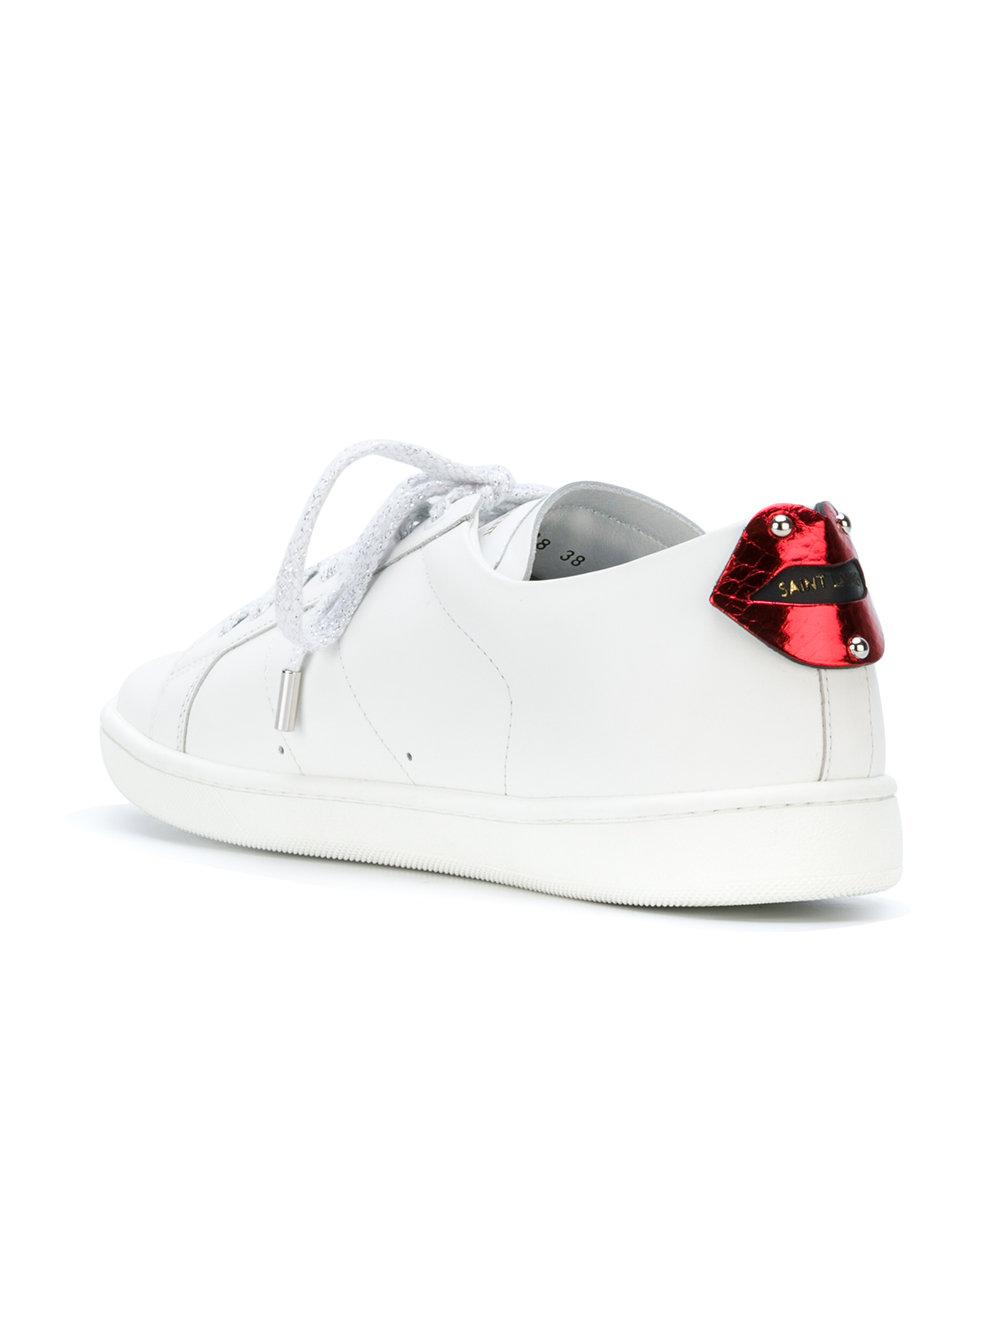 SAINT LAURENT sneakers - $695